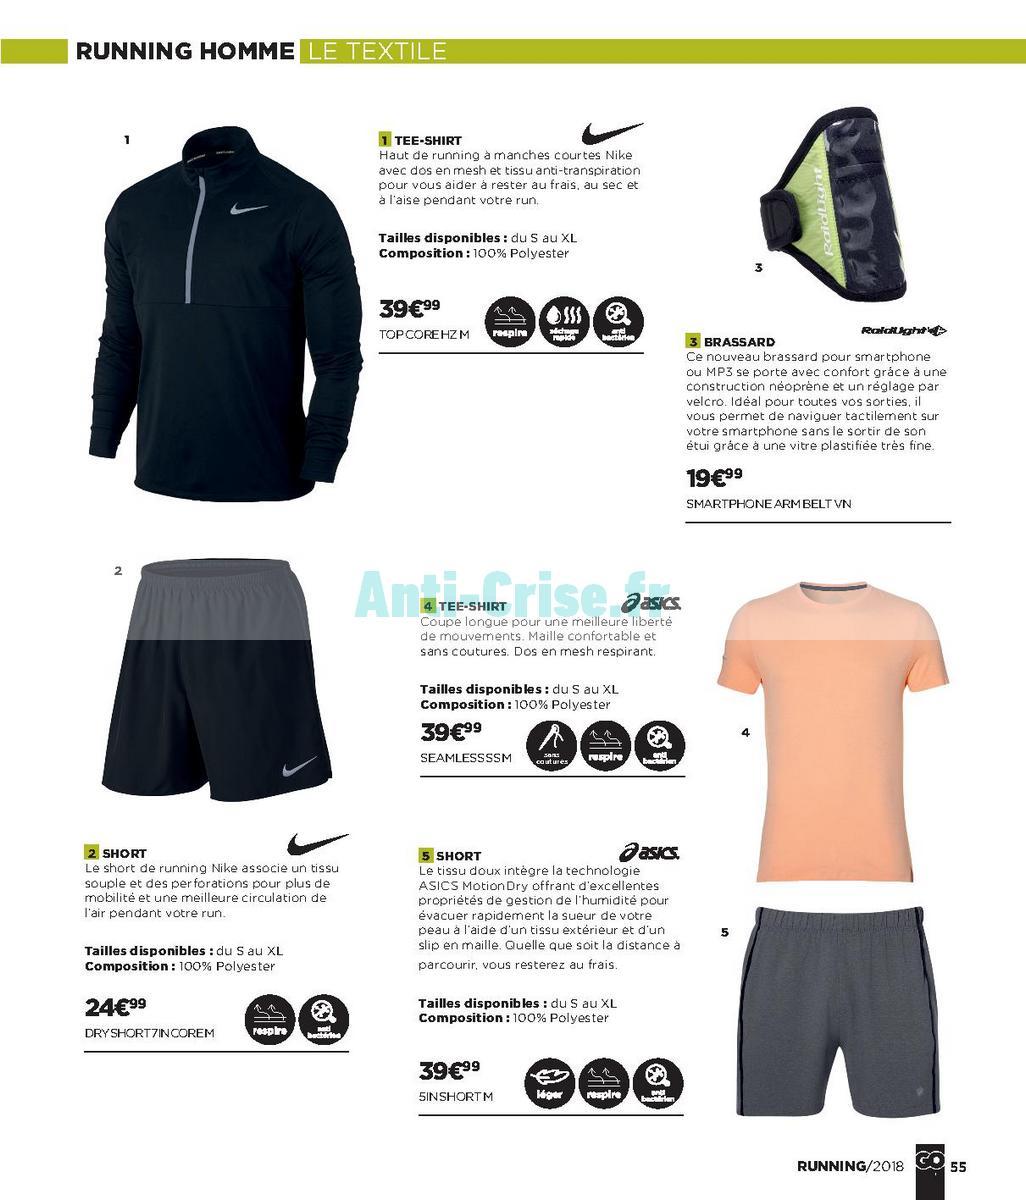 septembre2018 Catalogue Go Sport du 28 avril au 21 septembre 2018 (Running) (55)